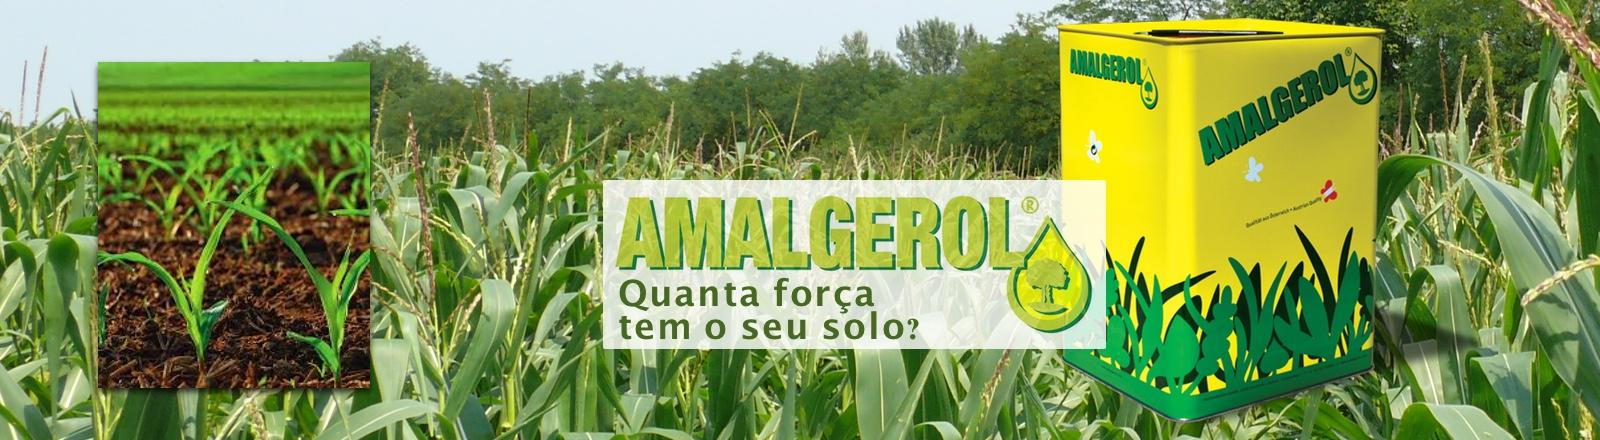 Amalgerol